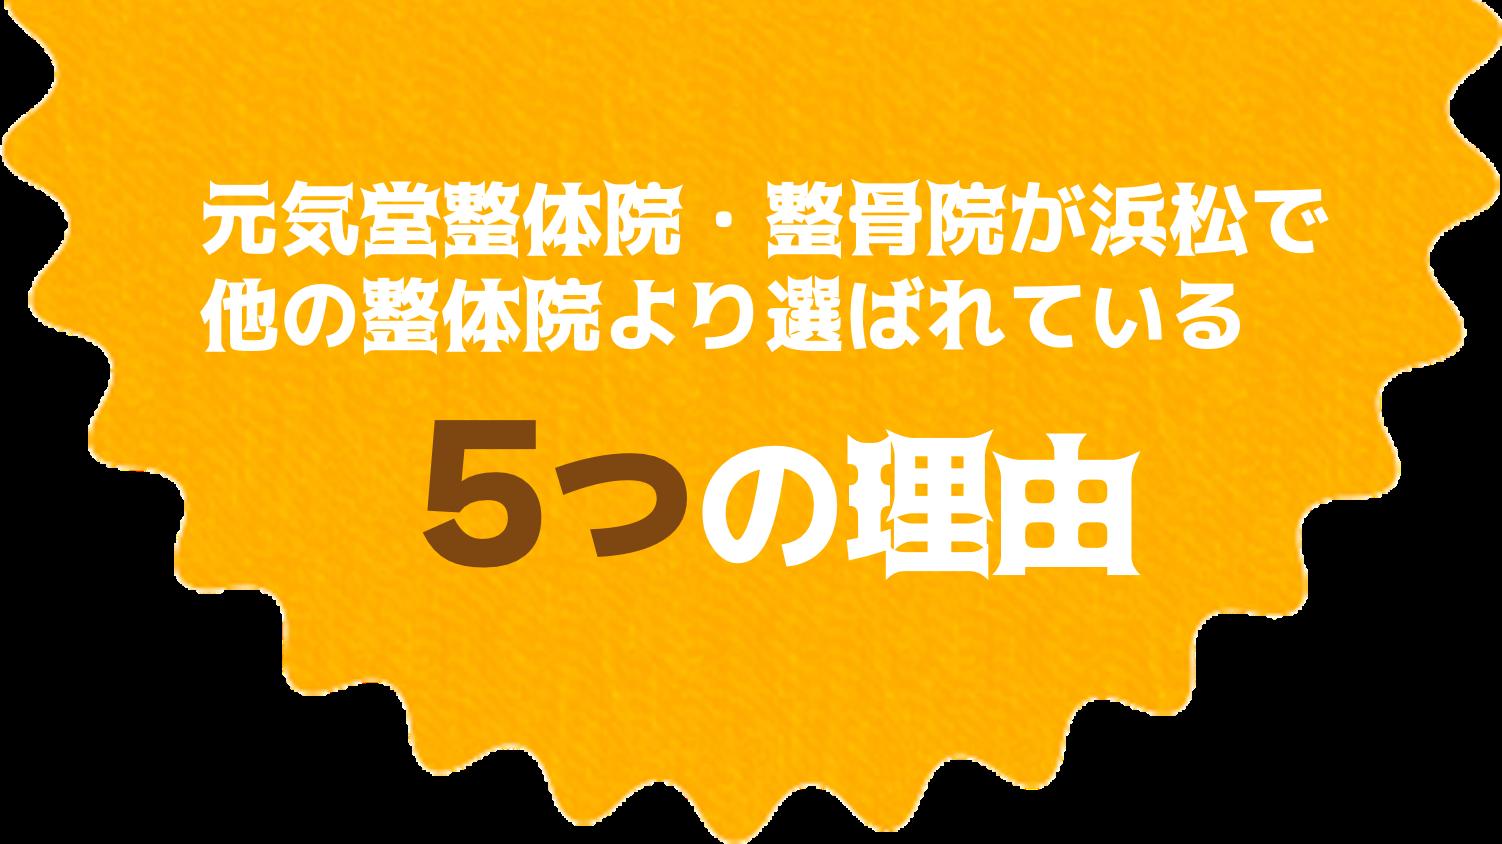 元気堂整体院・整骨院が浜松で他の整体院より選ばれている5つの理由